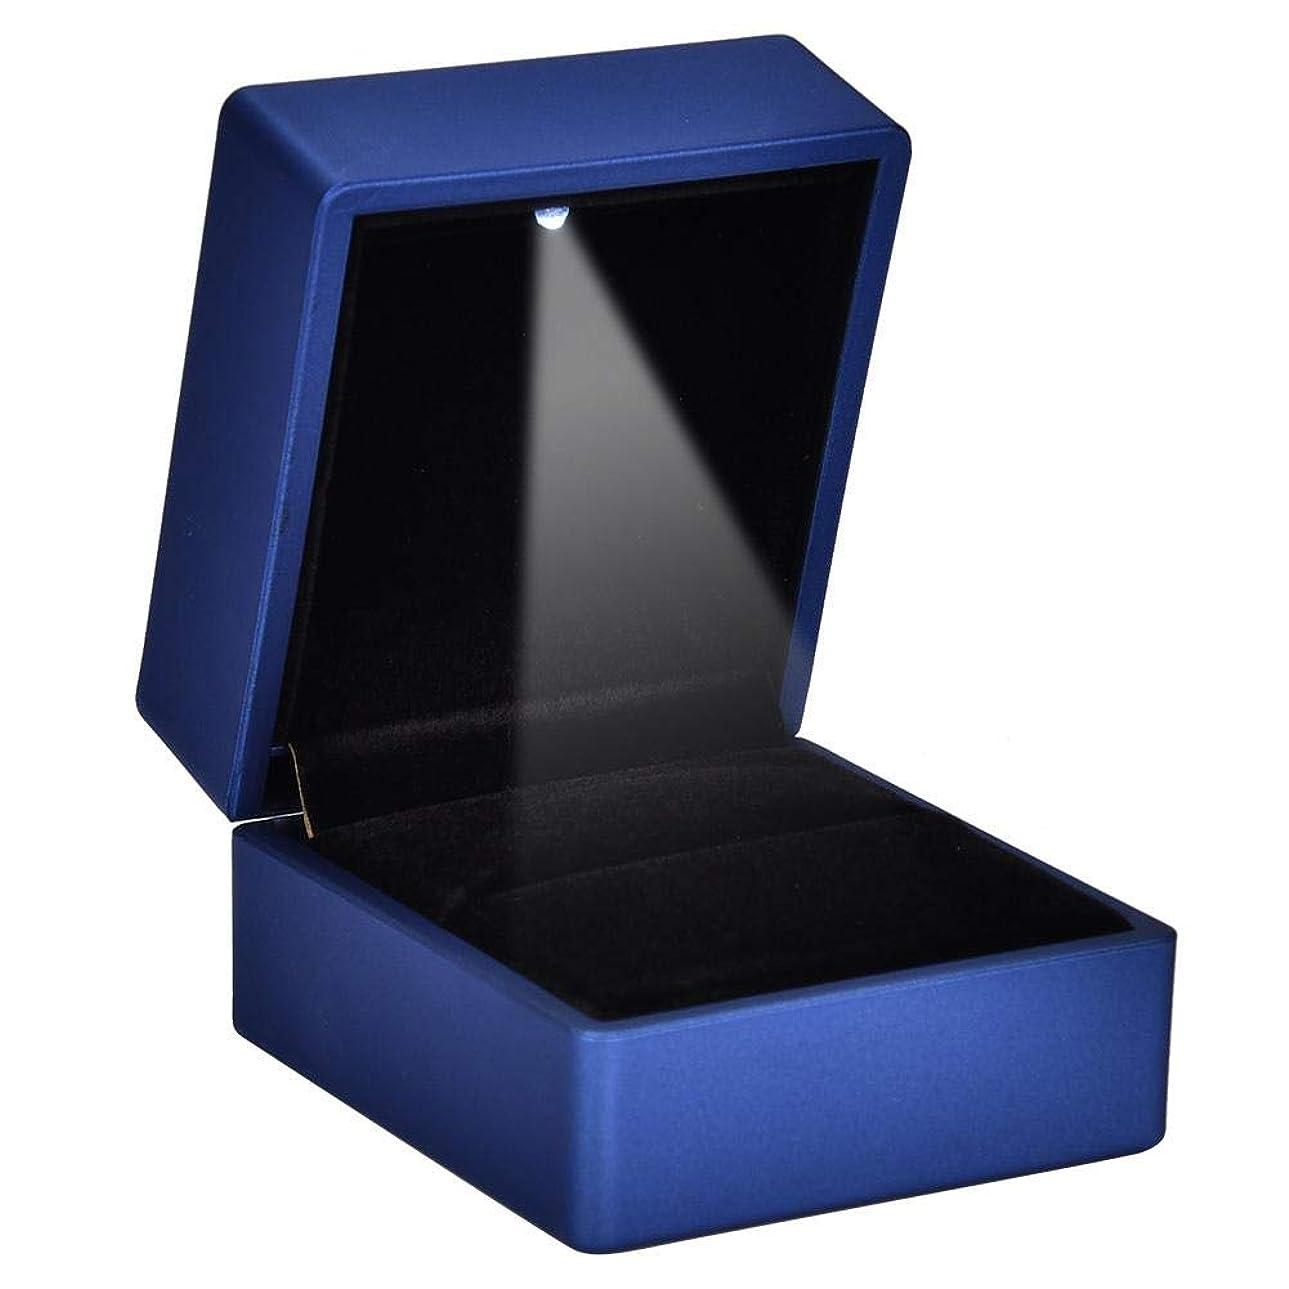 外部つまらないニンニク2種類ファッショナブルなLEDリングボックス - 内部LED照明付きリングケース、ジュエリーホルダーリング収納ケース、結婚式の提案(ブルー-90 * 70 * 35)